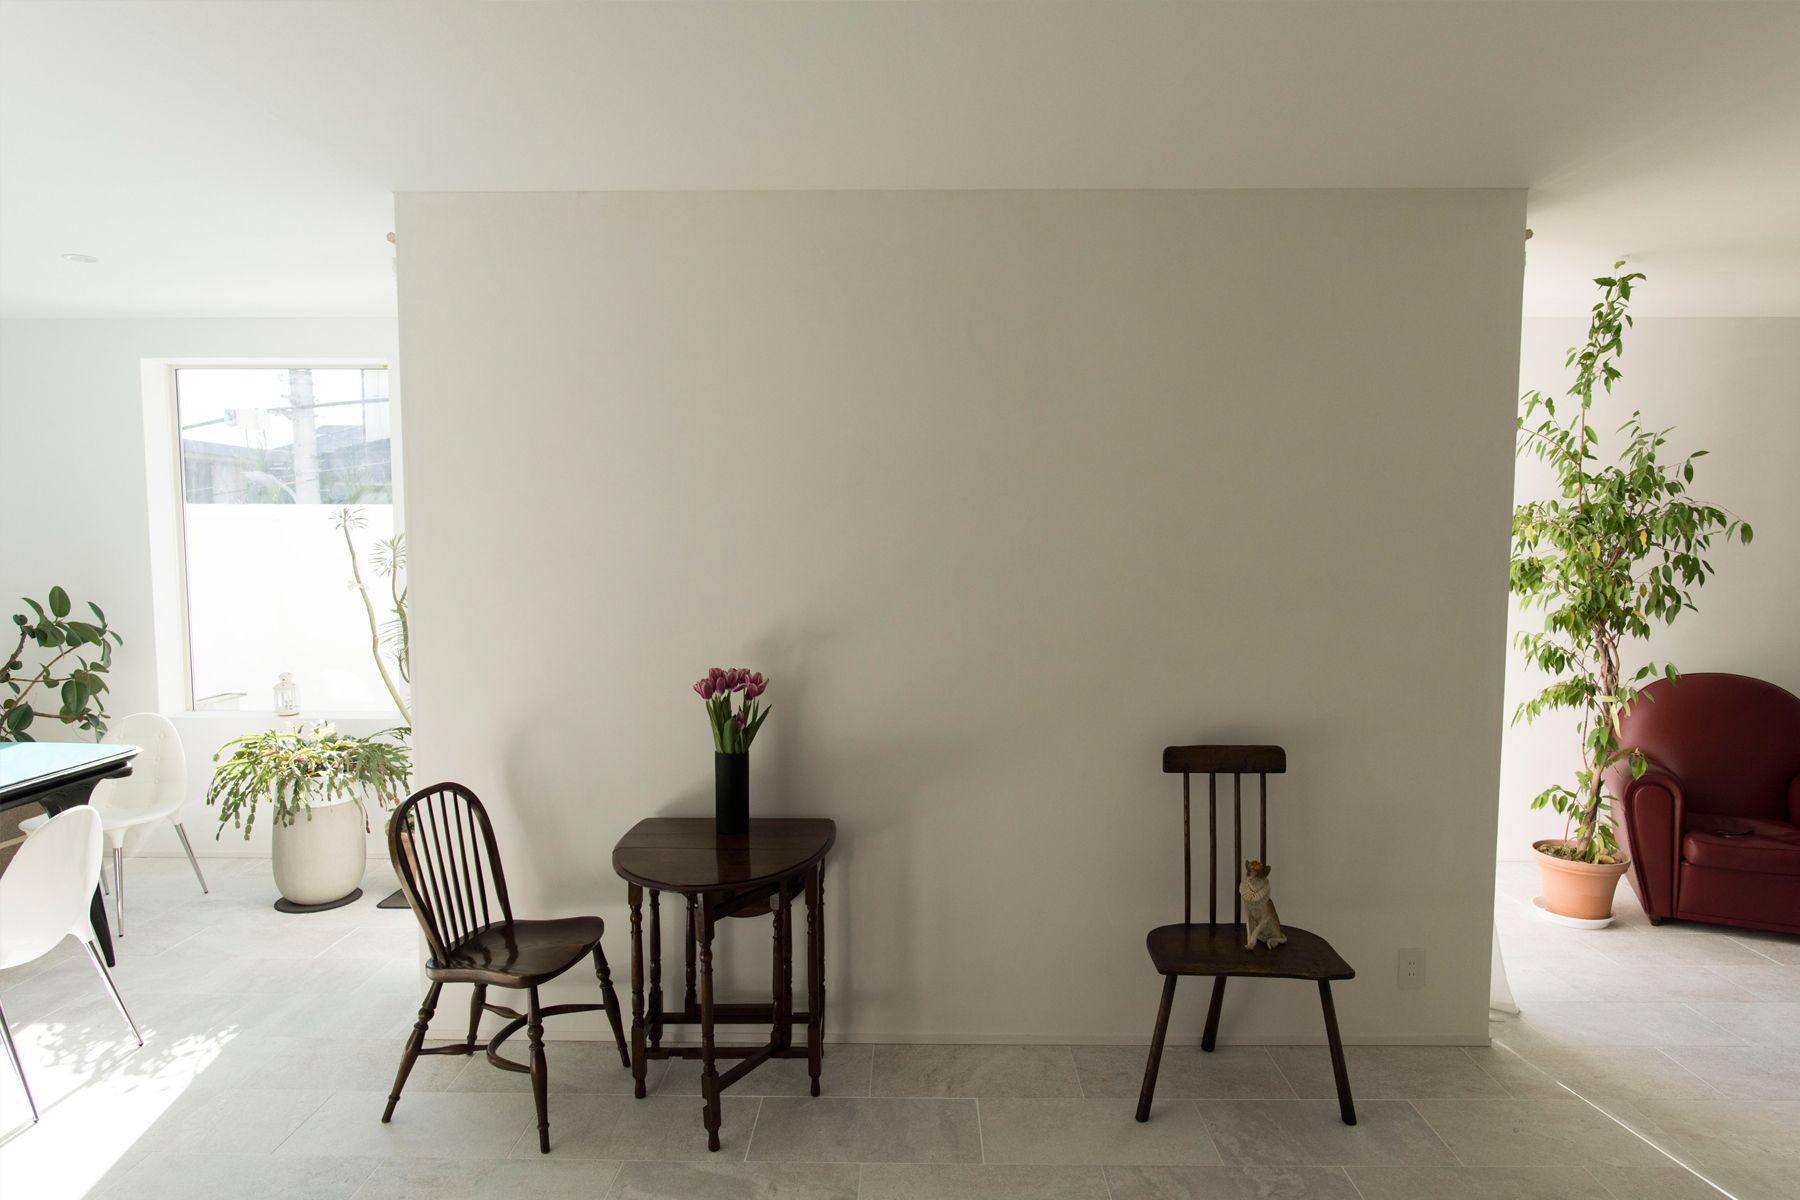 104/個人宅 (イチマルヨン)1F キッチン前スペース